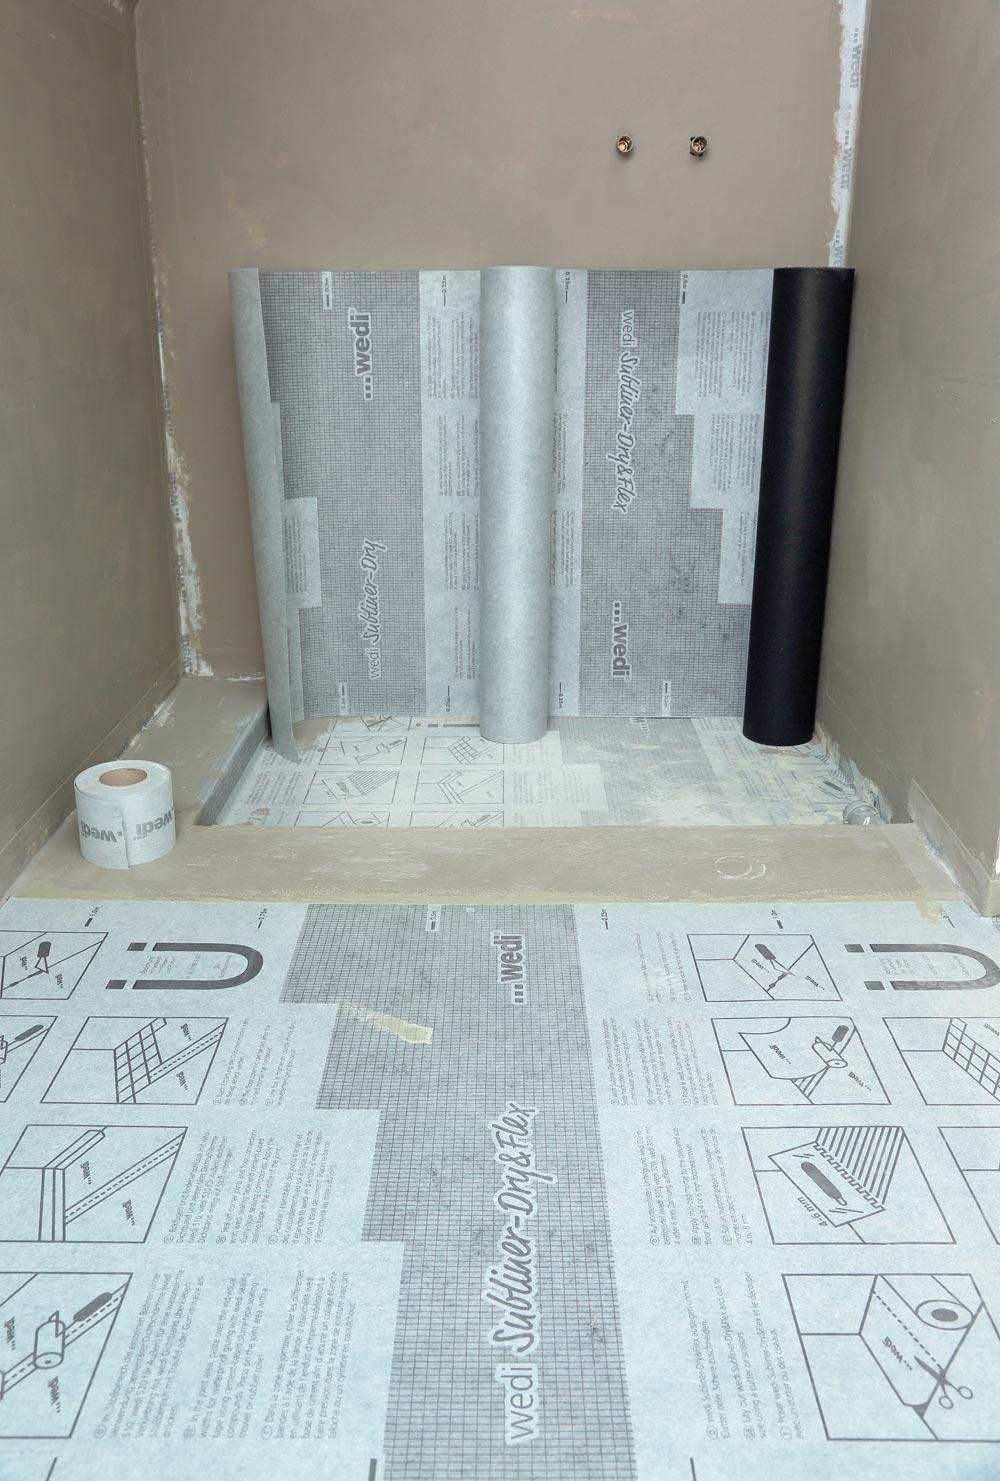 wedi subliner dry flex abdichtungs und entkopplungsbahn ebay. Black Bedroom Furniture Sets. Home Design Ideas